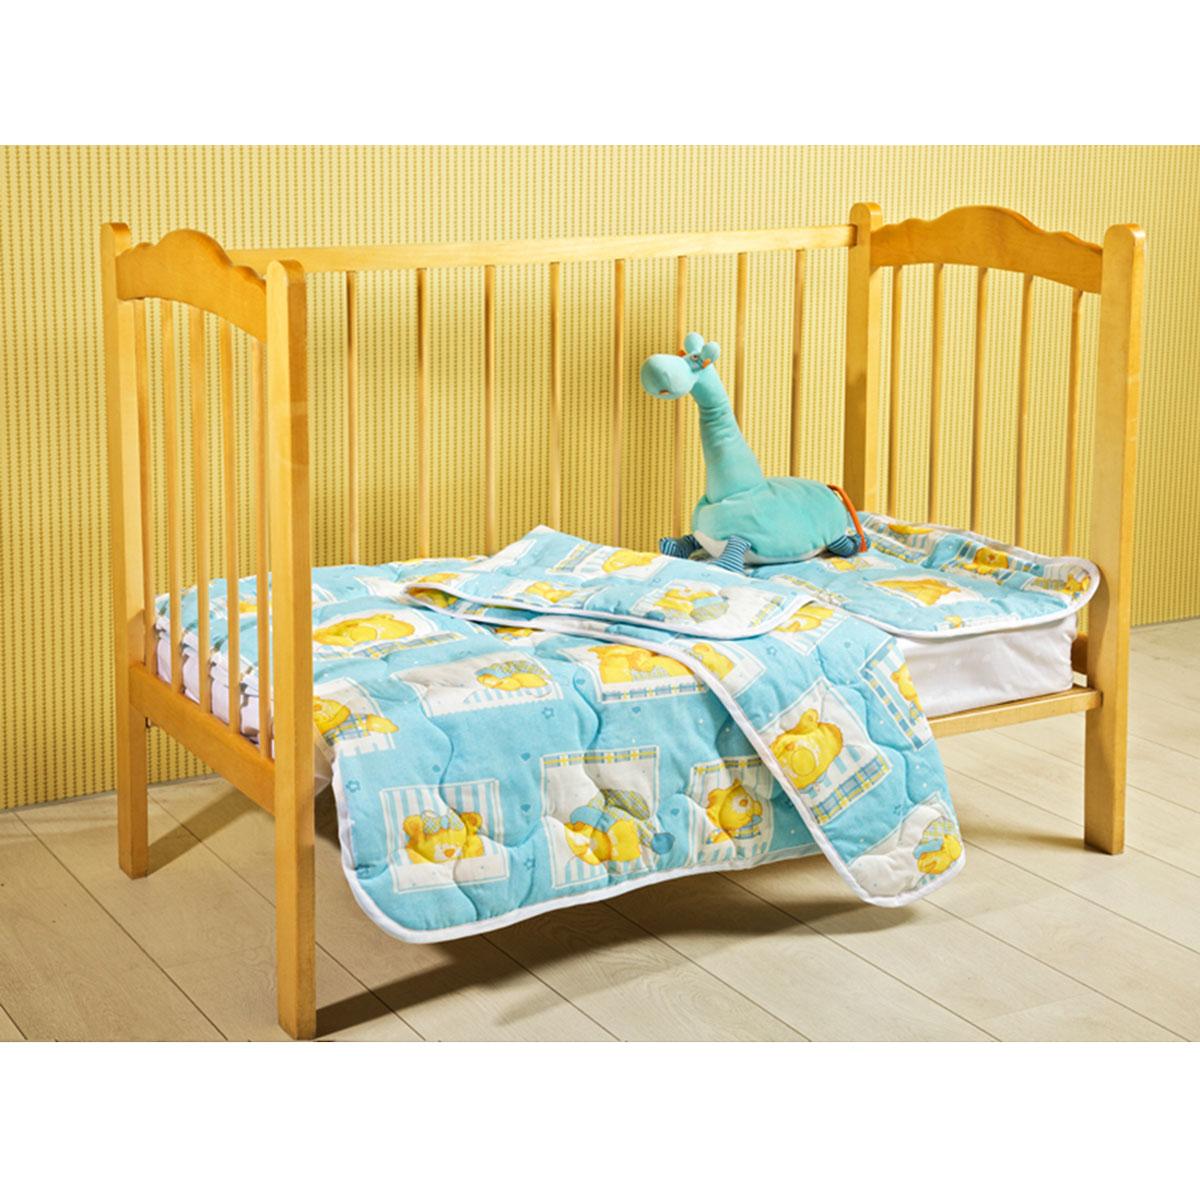 Одеяло детское Primavelle Fani, стеганое, цвет: голубой, 110 см х 140 см123110307-18